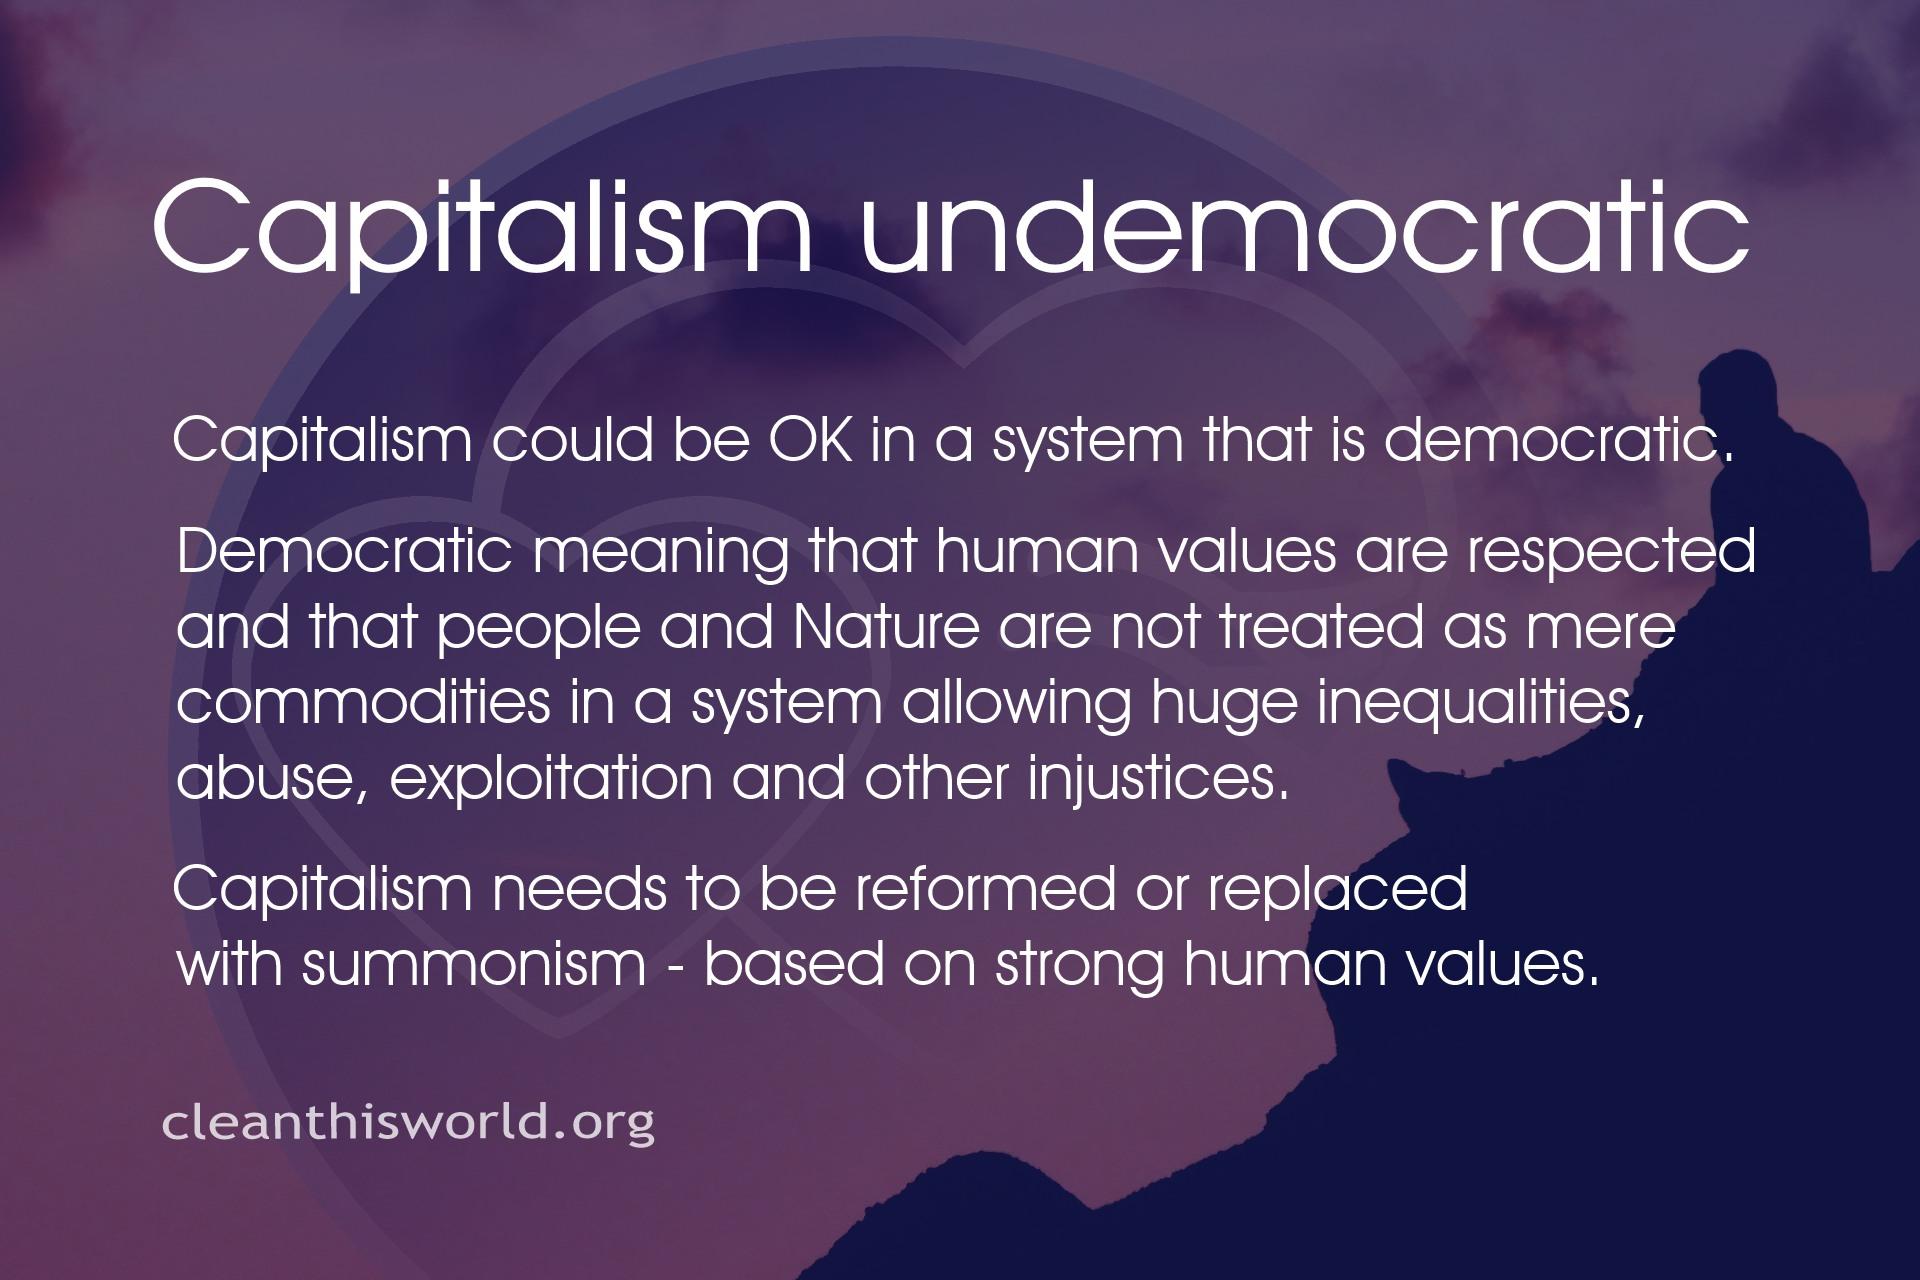 Capitalism undemocratic